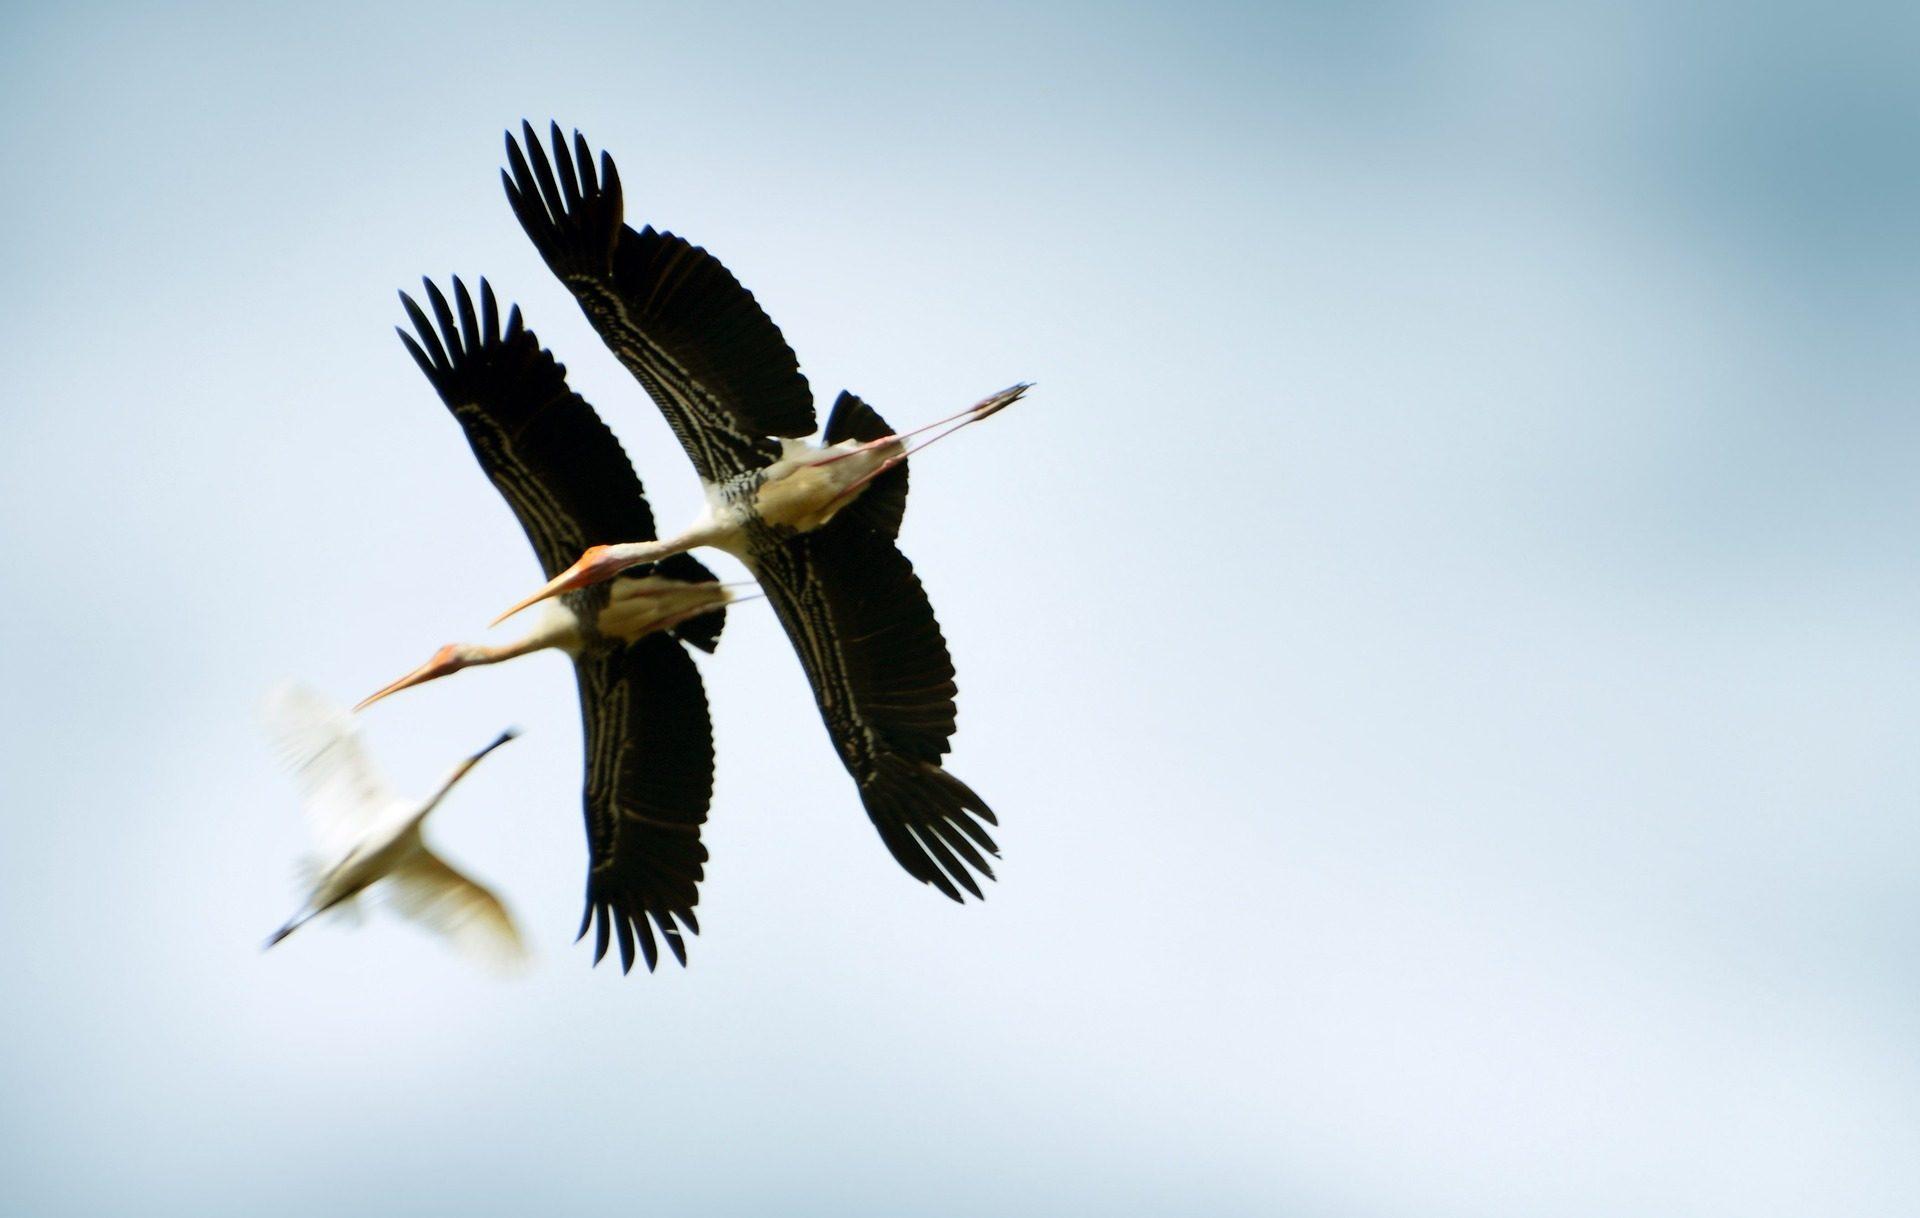 aves, oiseaux, ailes, envergure, mouche - Fonds d'écran HD - Professor-falken.com